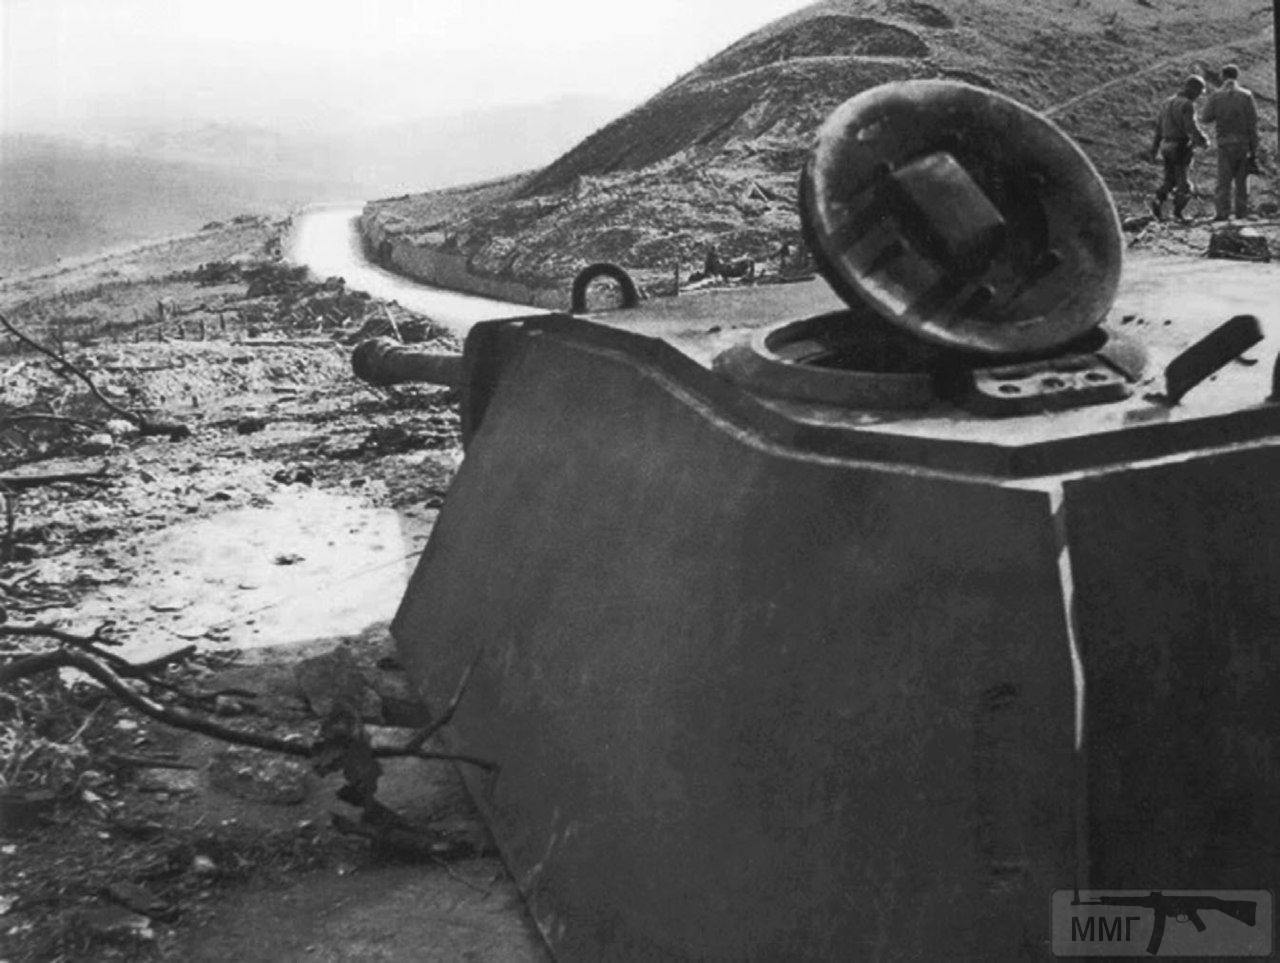 44987 - Немецкая полевая фортификация WW2